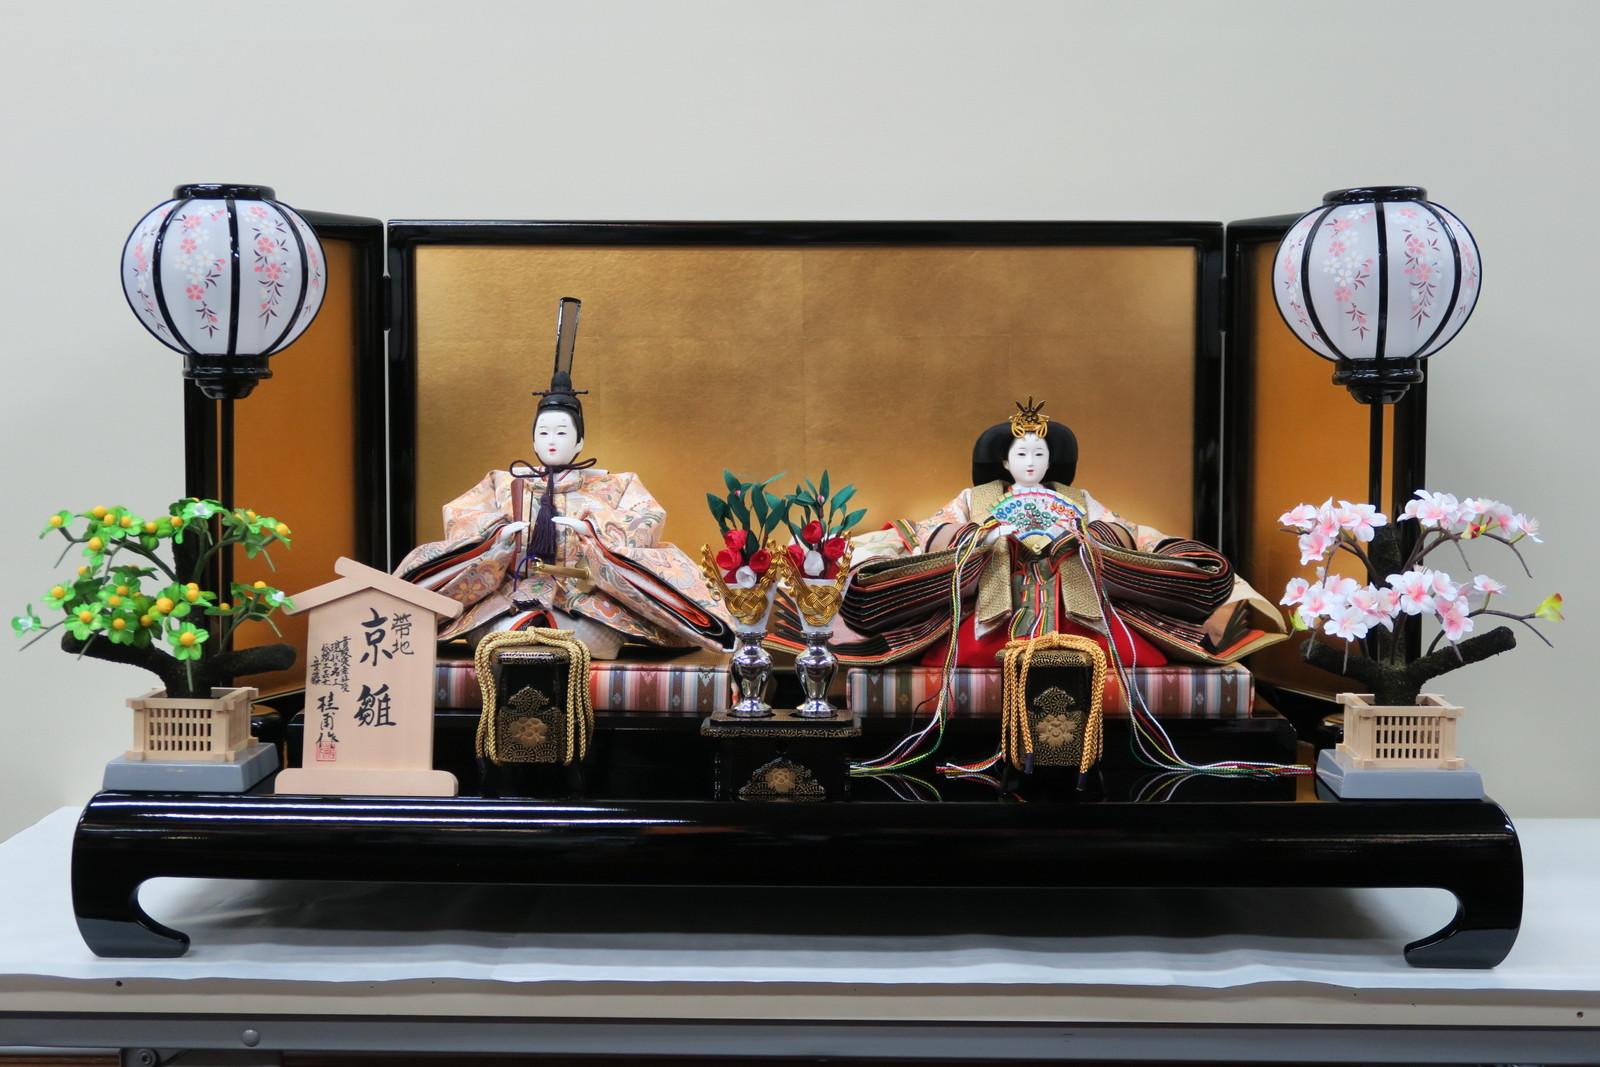 安藤桂甫作 京雛十番帯地上親王No.71 (金箔12号三曲屏風黒塗平台飾り)